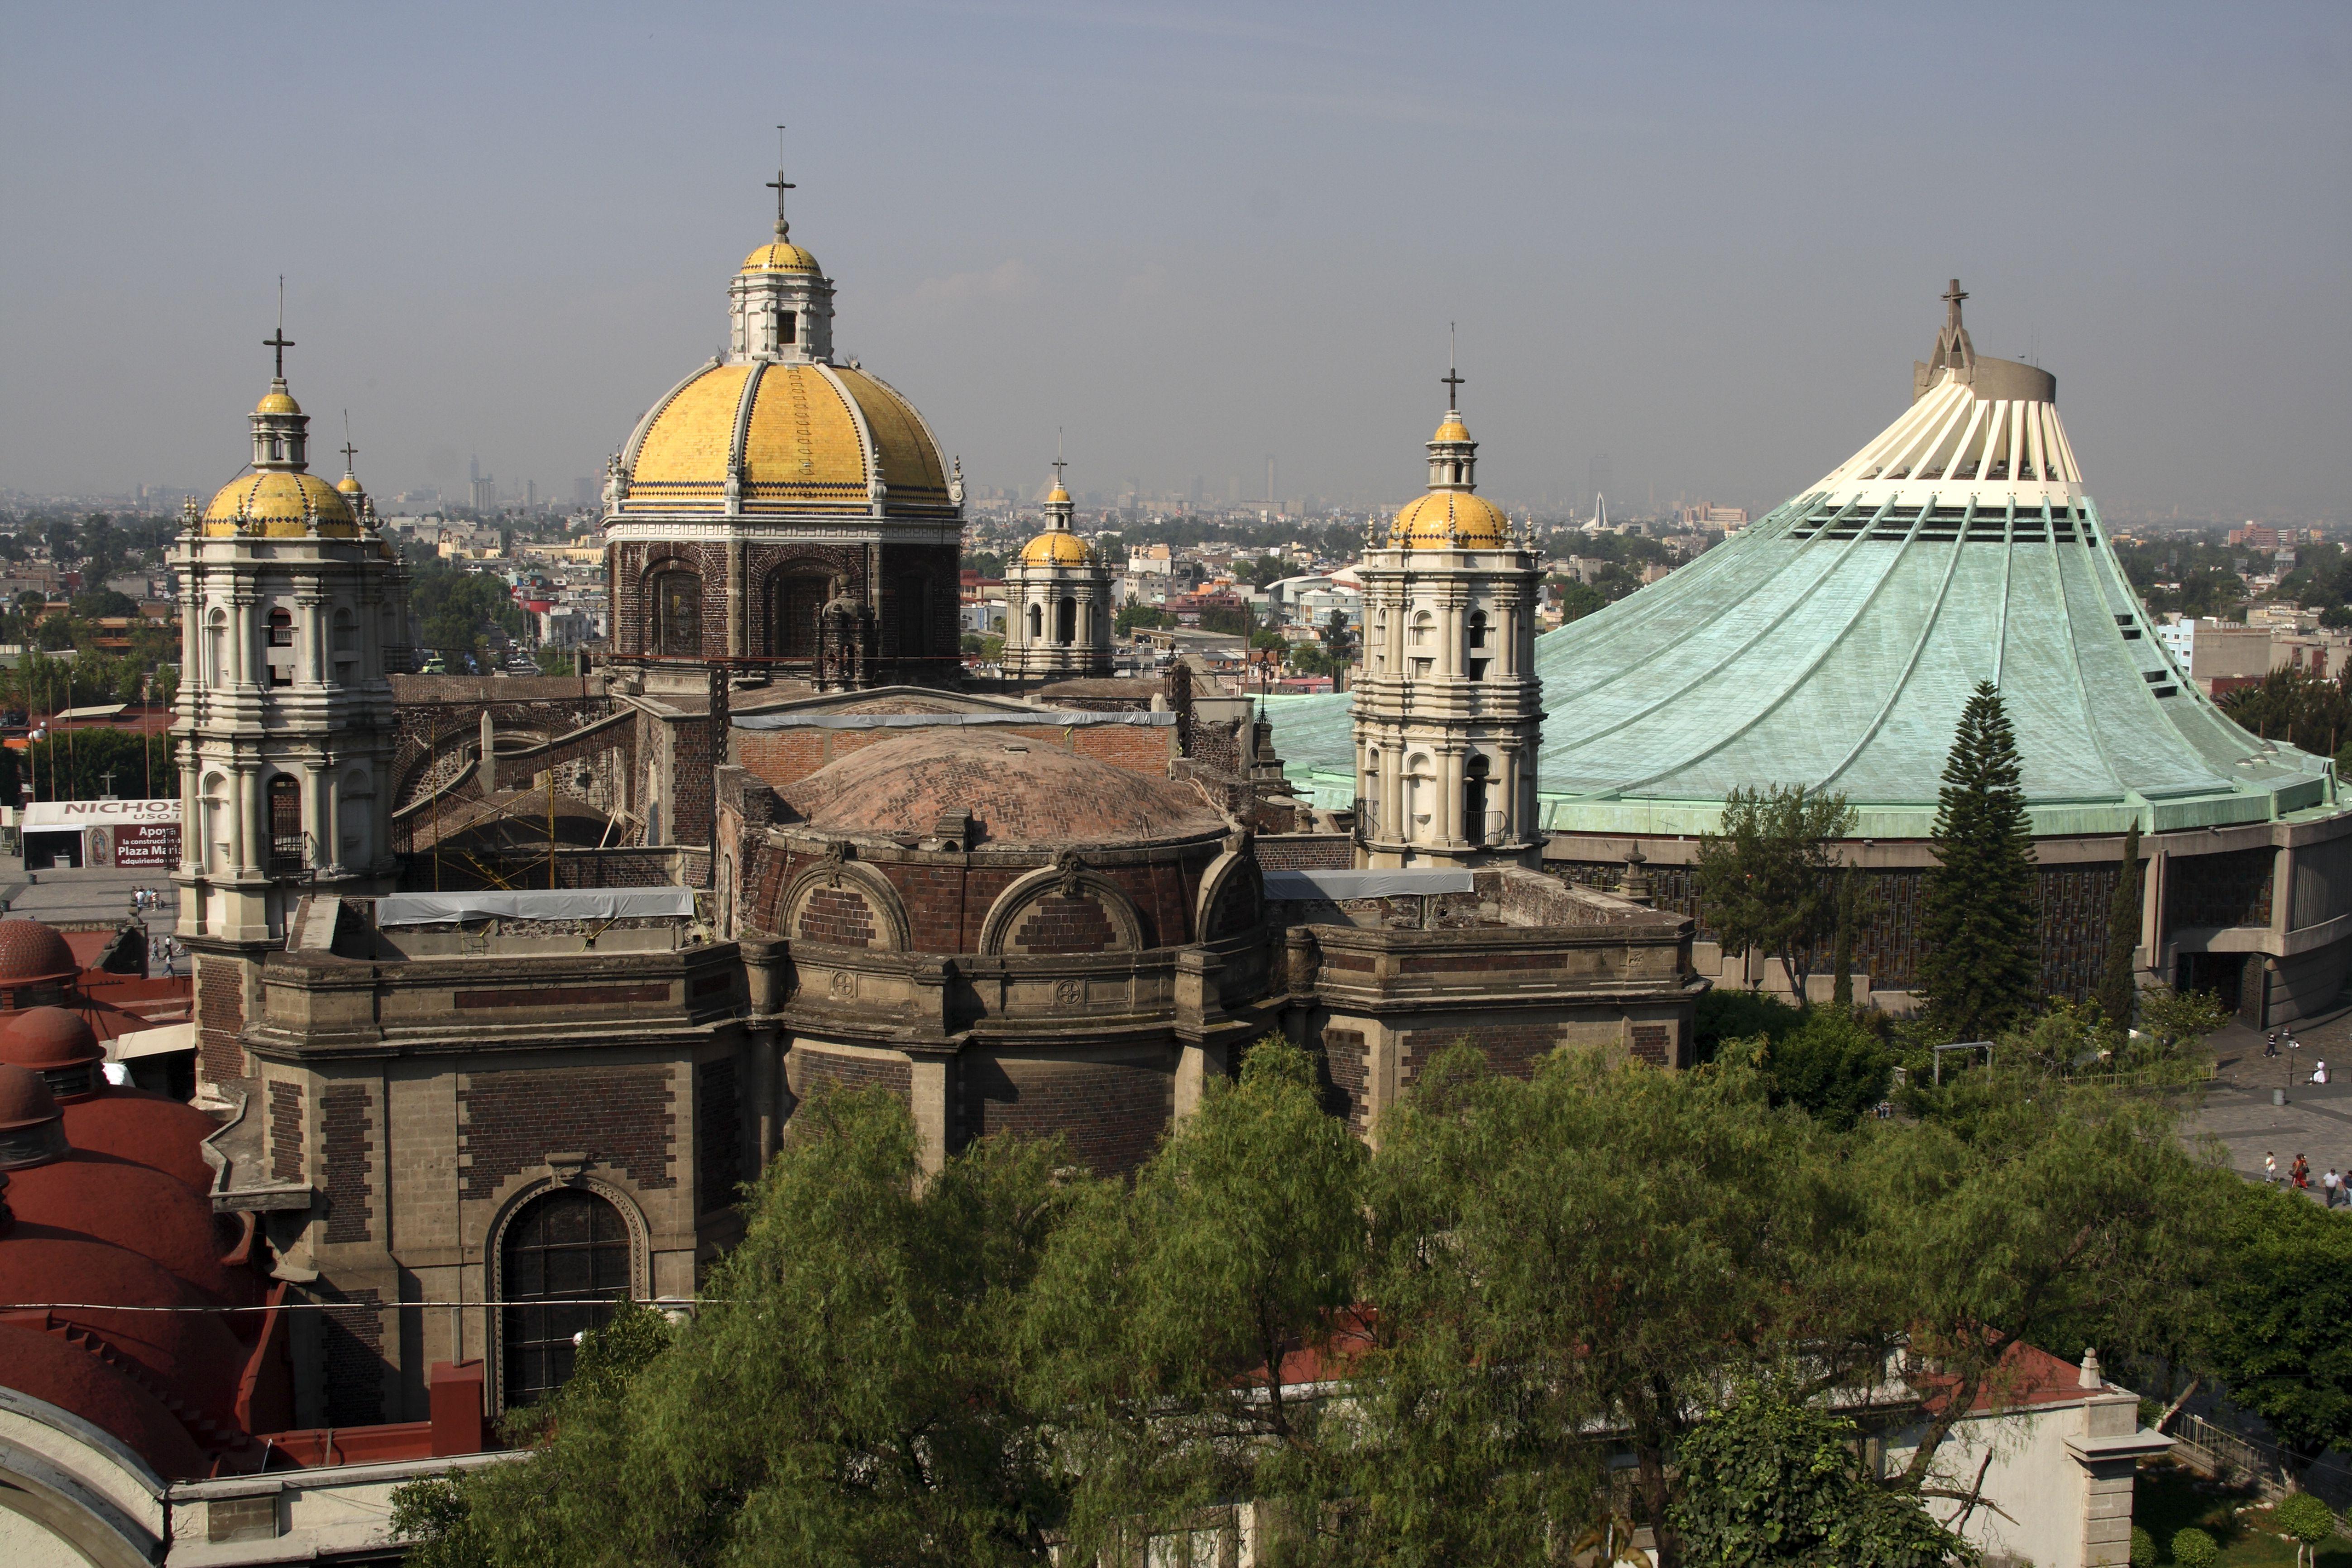 México, Ciudad de México. La Basílica de Guadalupe, considerada el segundo santuario más importante del catolicismo después de la Ciudad del Vaticano